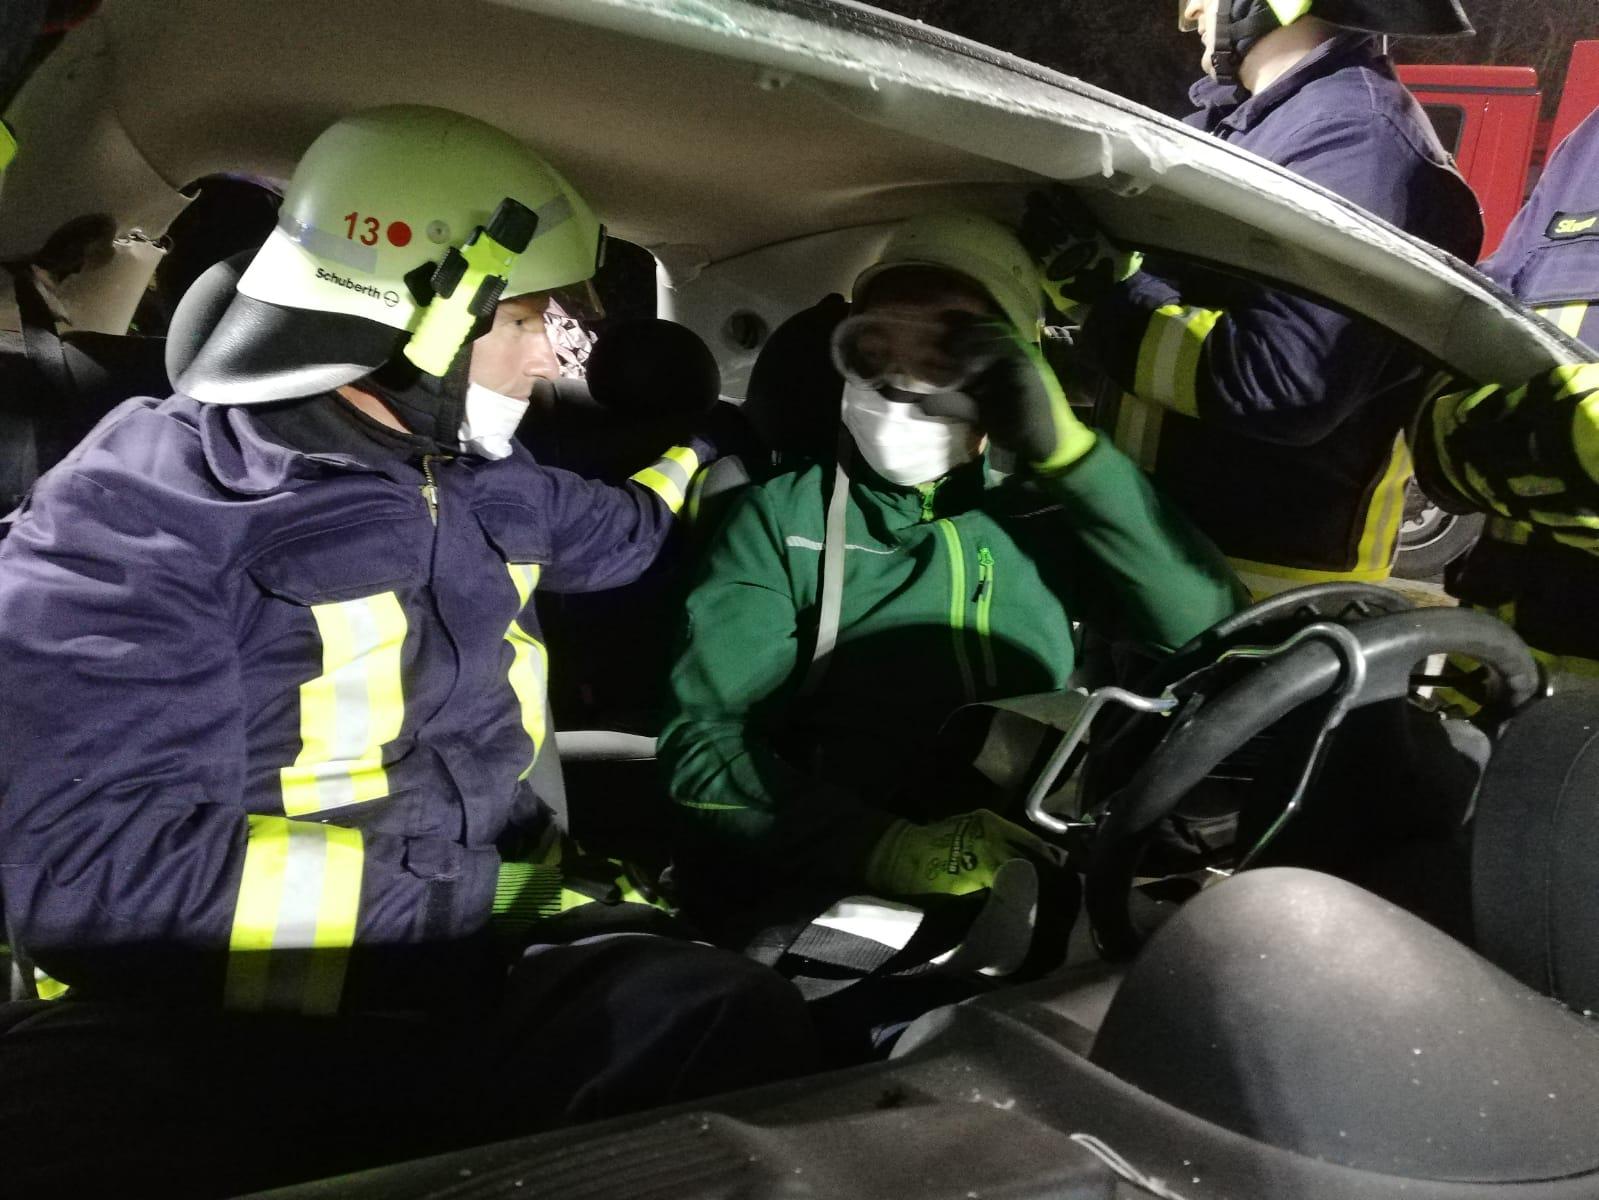 2019-10-23_Feuerwehr-trainiert-Verkehrsunfallhilfe_09